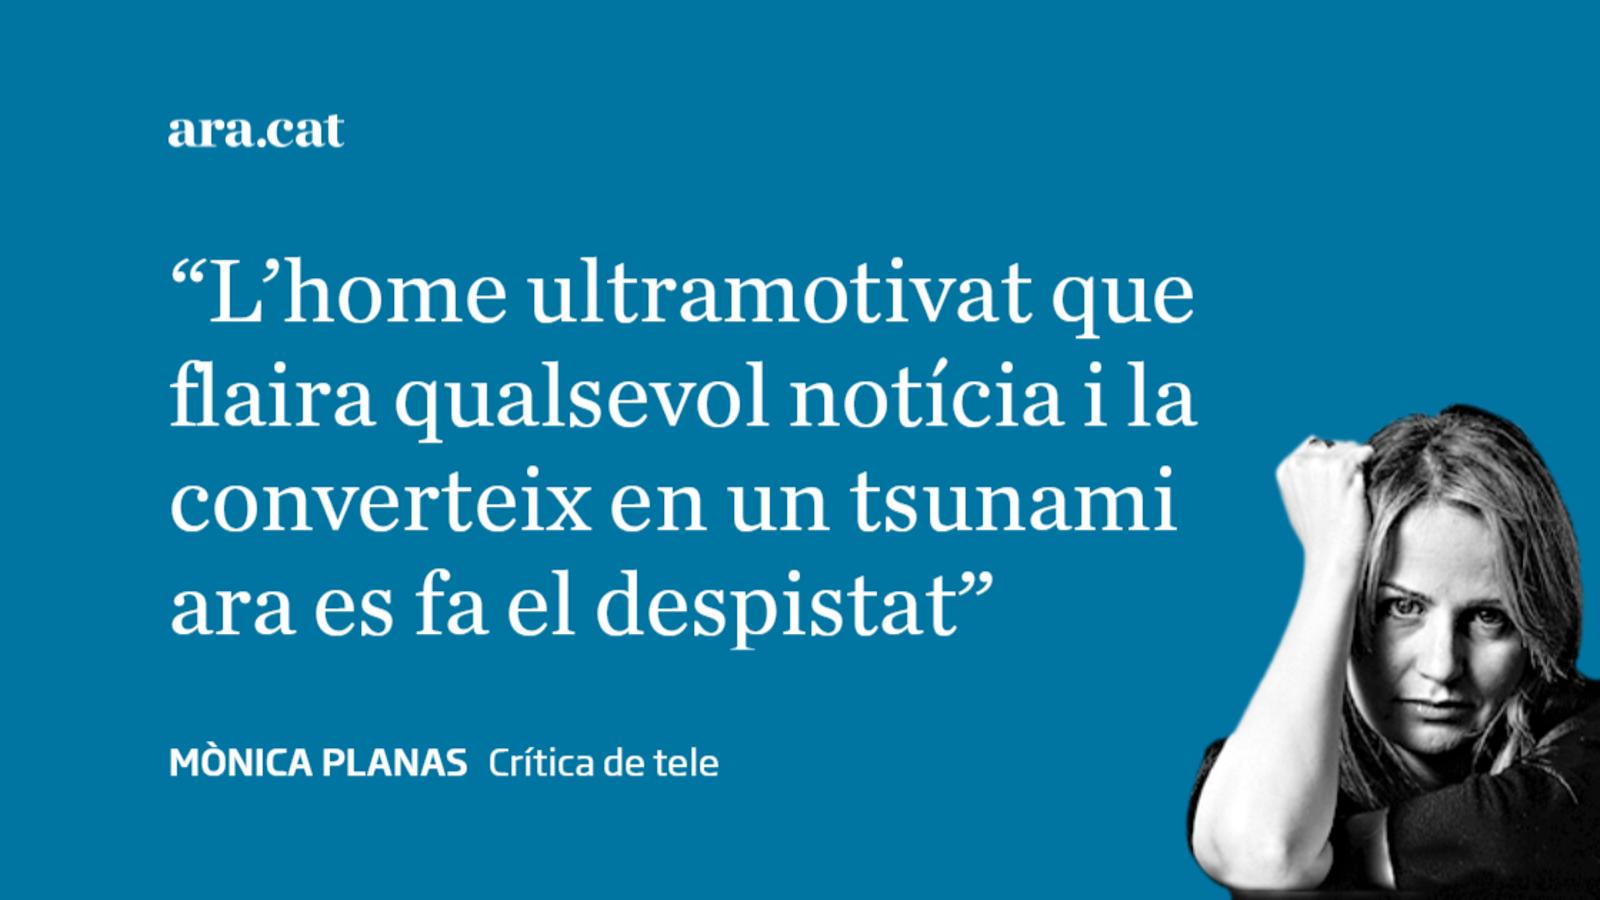 On és el periodisme, García Ferreras?